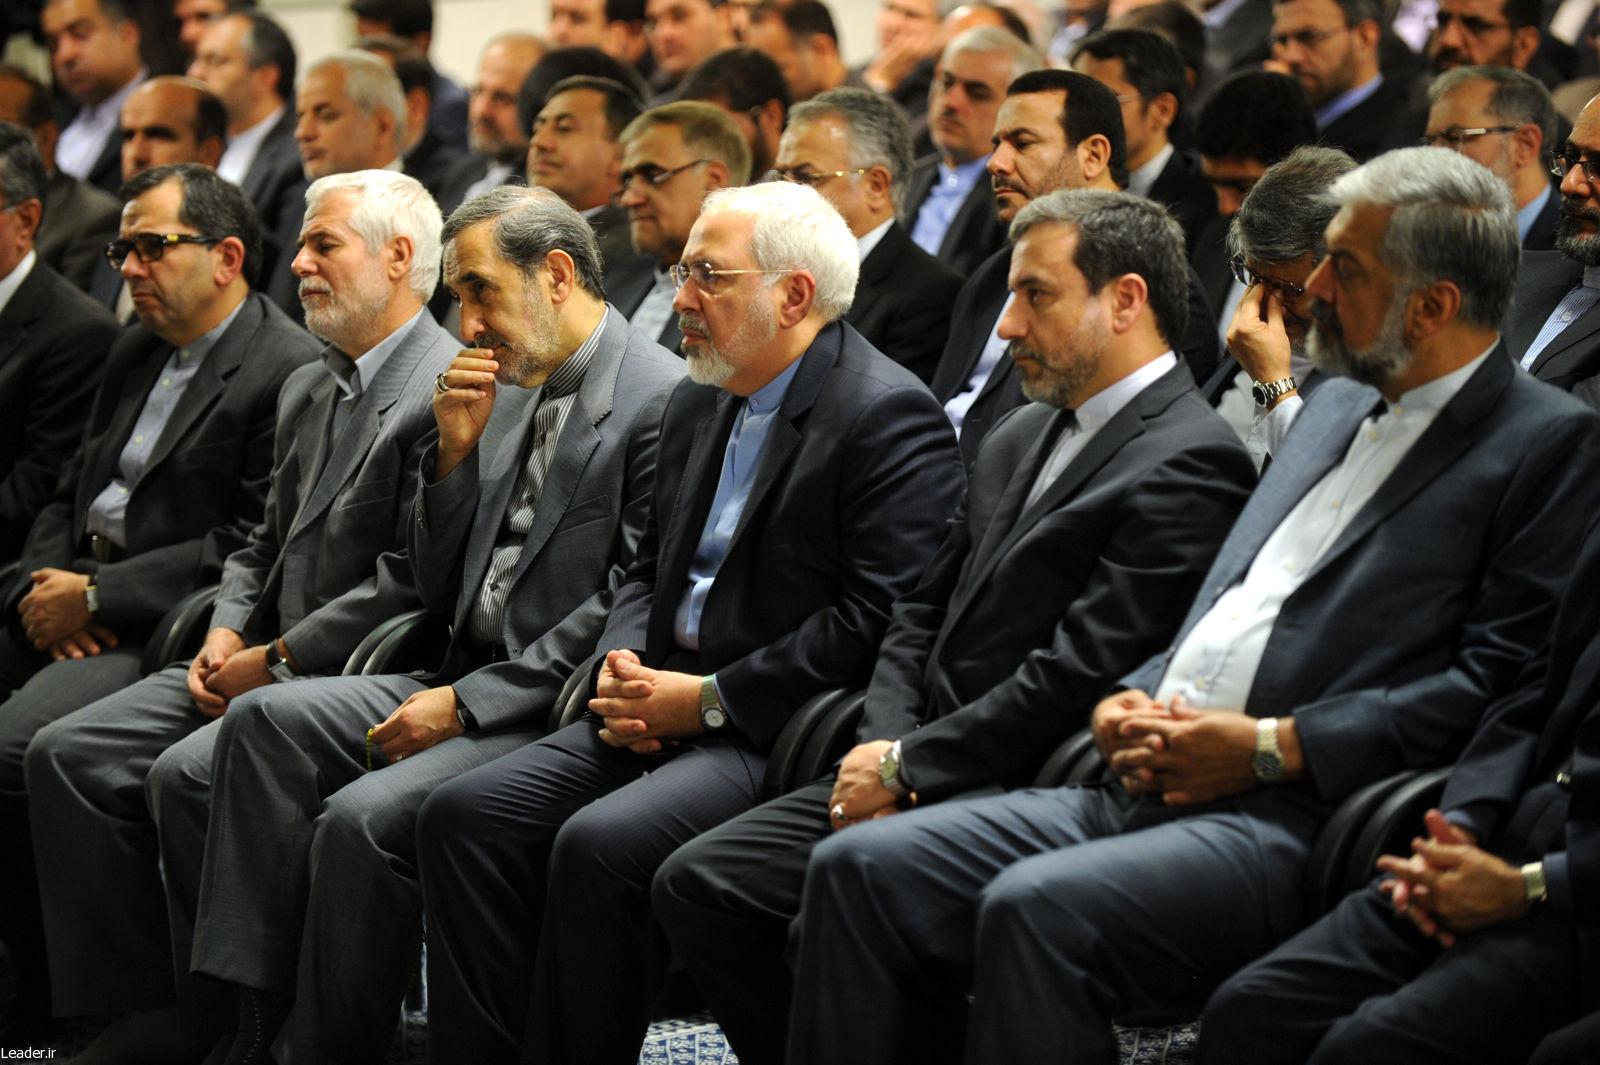 عکس/ تیم مذاکرات در دیدار با رهبر انقلاب